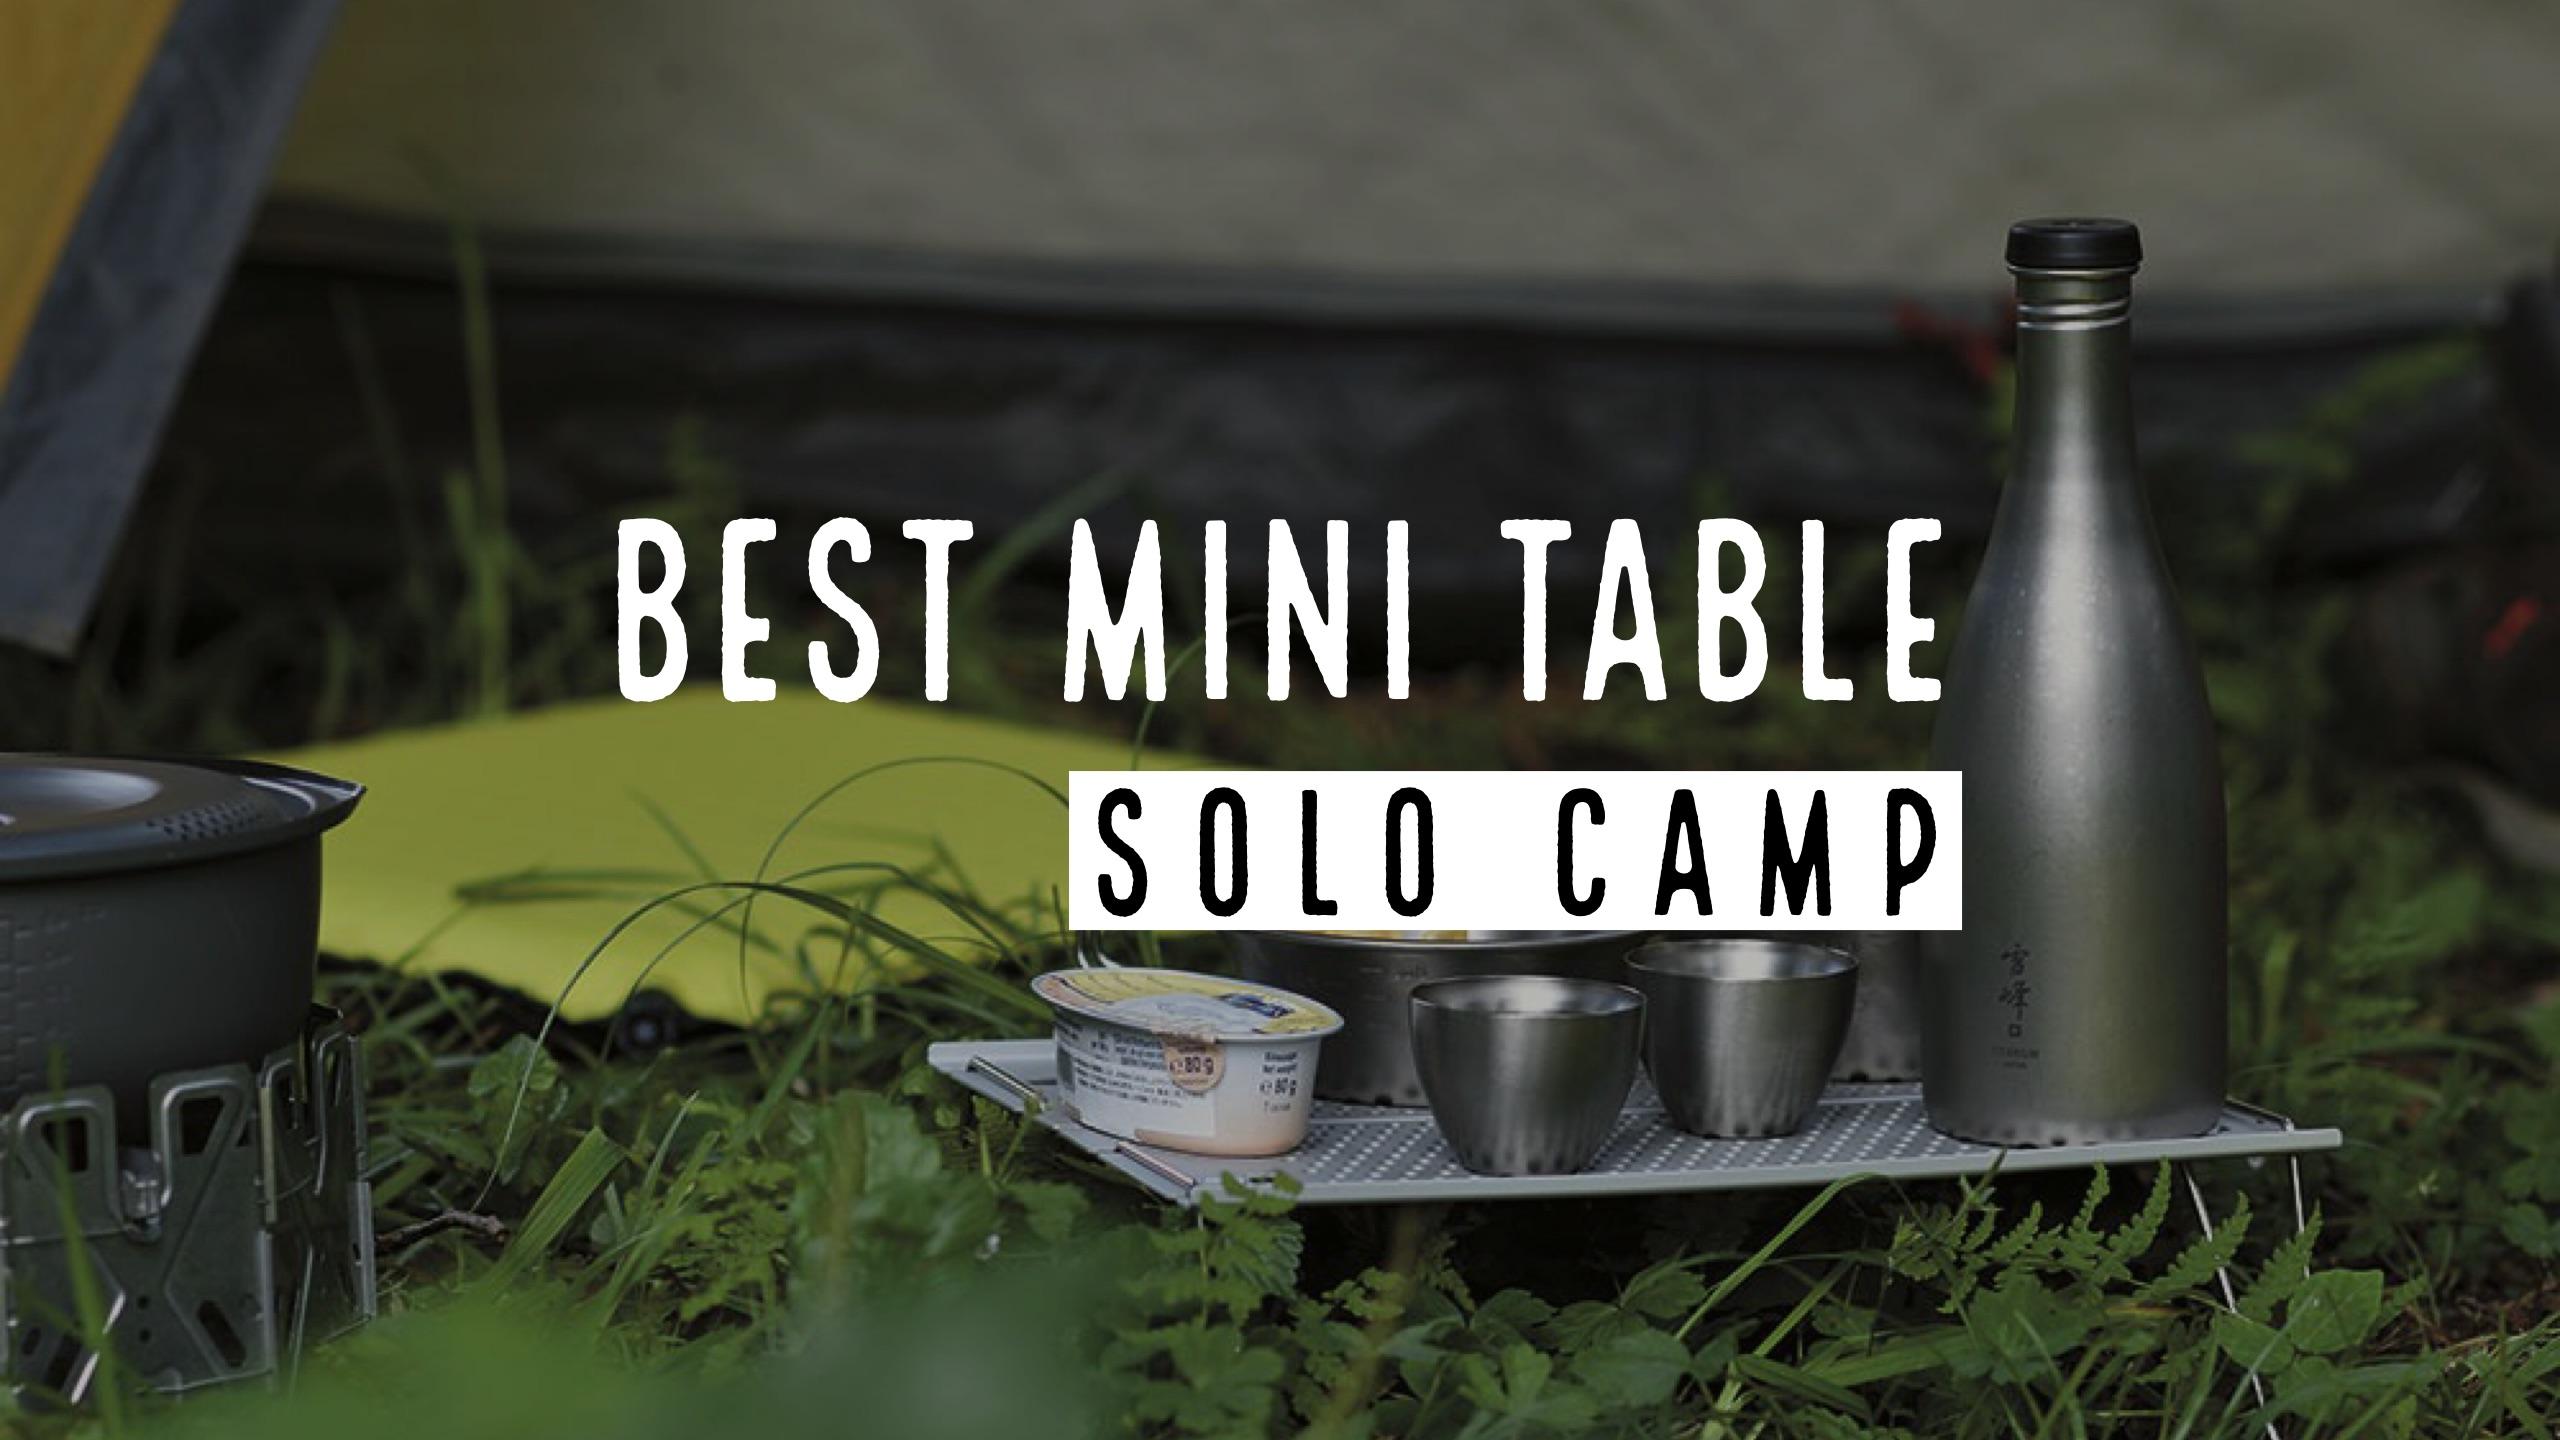 ソロキャンプにおすすめな軽量ミニテーブル5選!高さや大きさなど選び方も解説【バックパックに収まる】